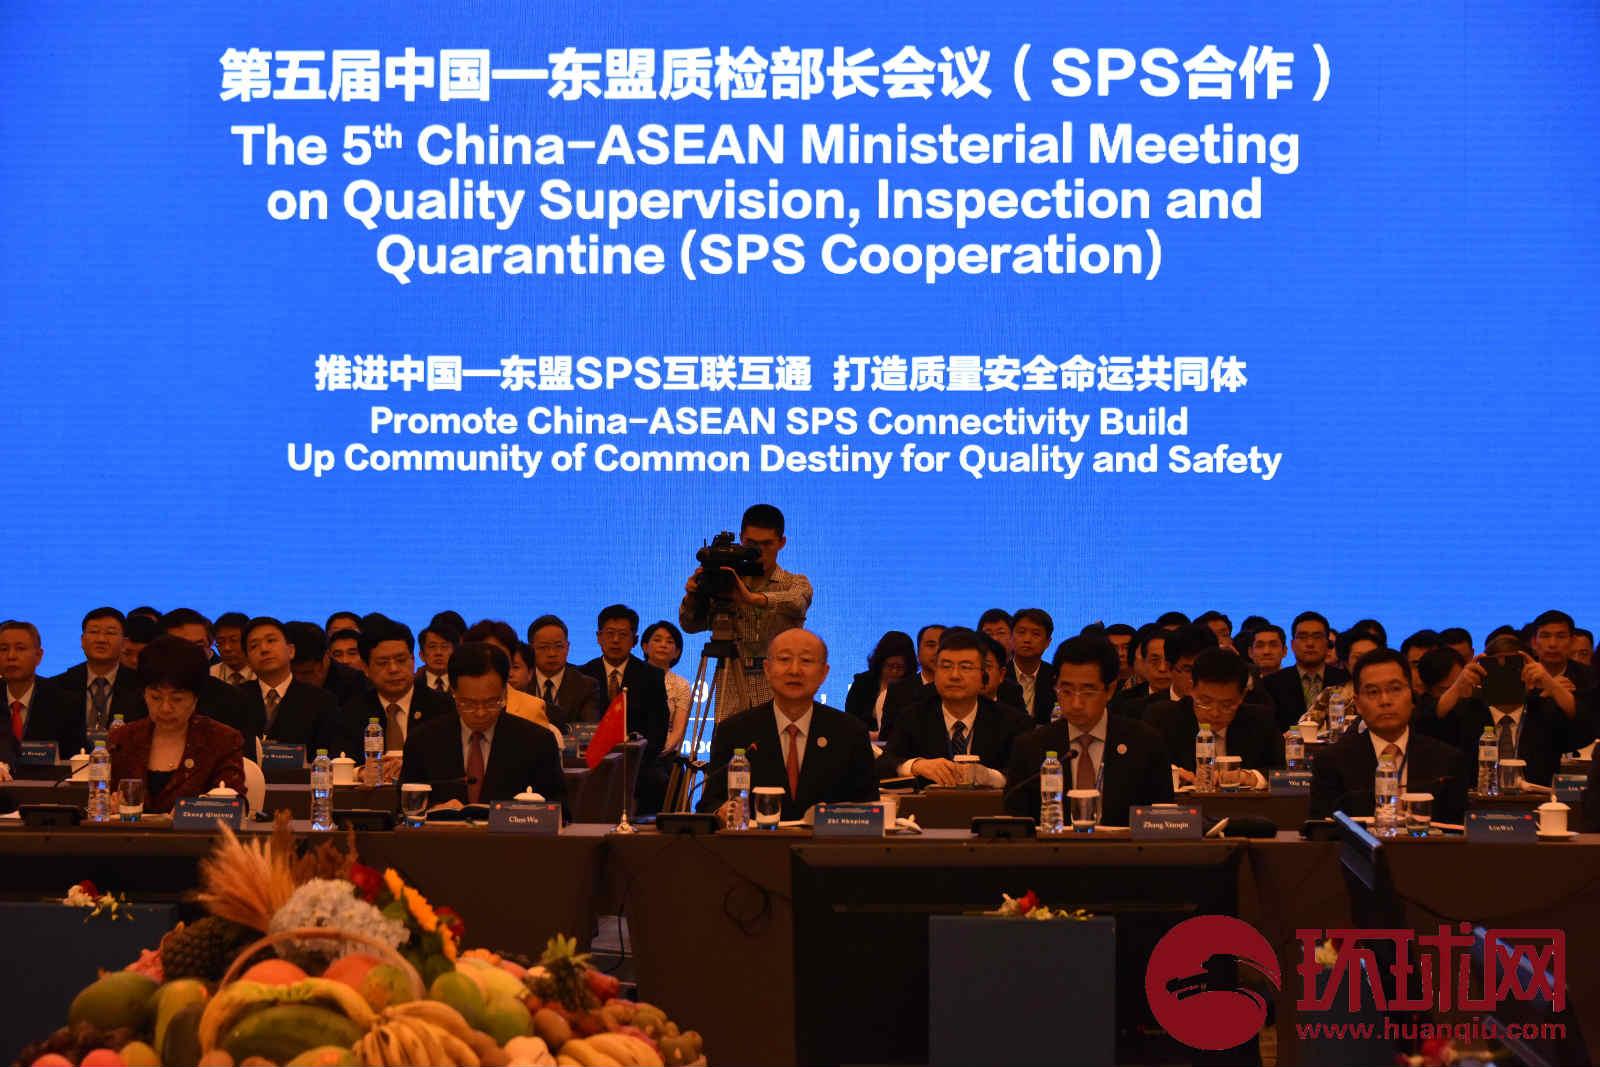 中国-东盟质检部长会:打造质量安全命运共同体